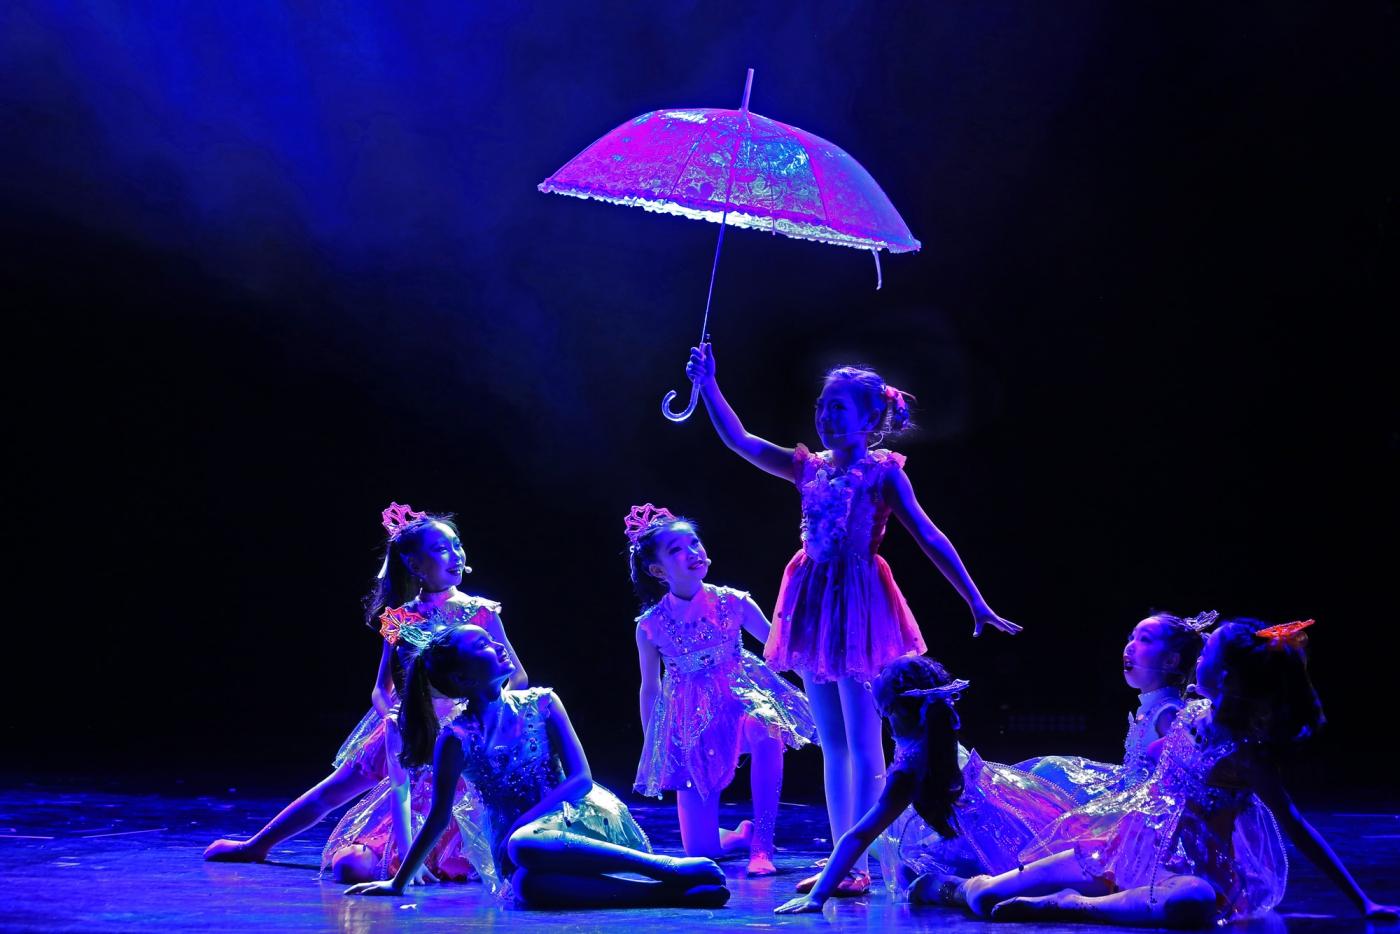 【达威】逆光下的舞台摄影_图1-11